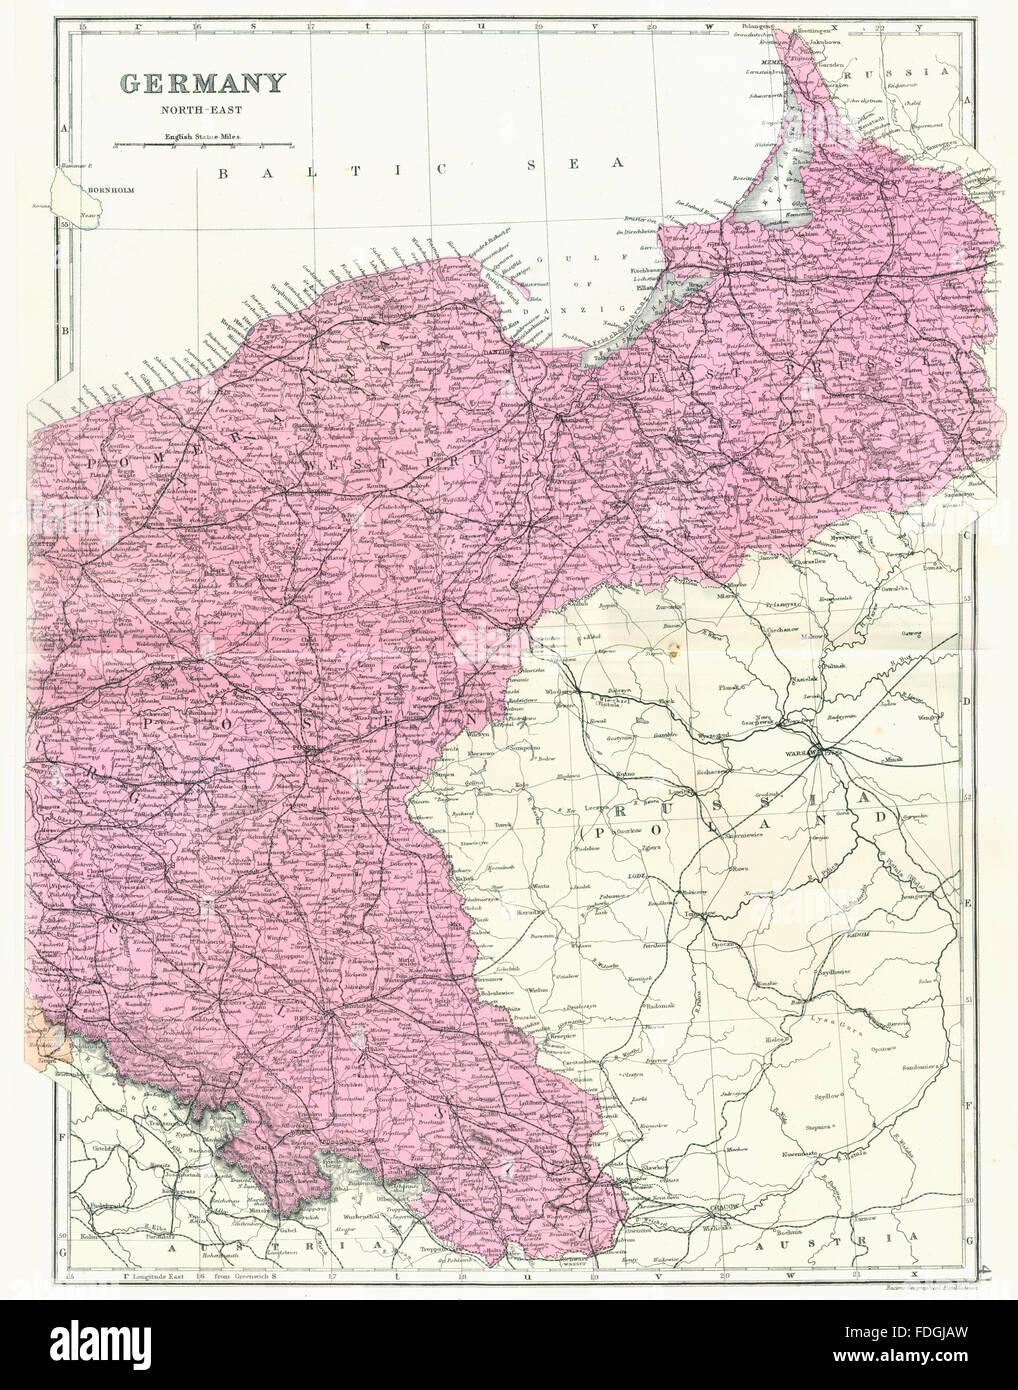 Polen Schlesien Karte.Deutschland Polen Deutsche Reich Ne Prussia Pommern Posen Schlesien